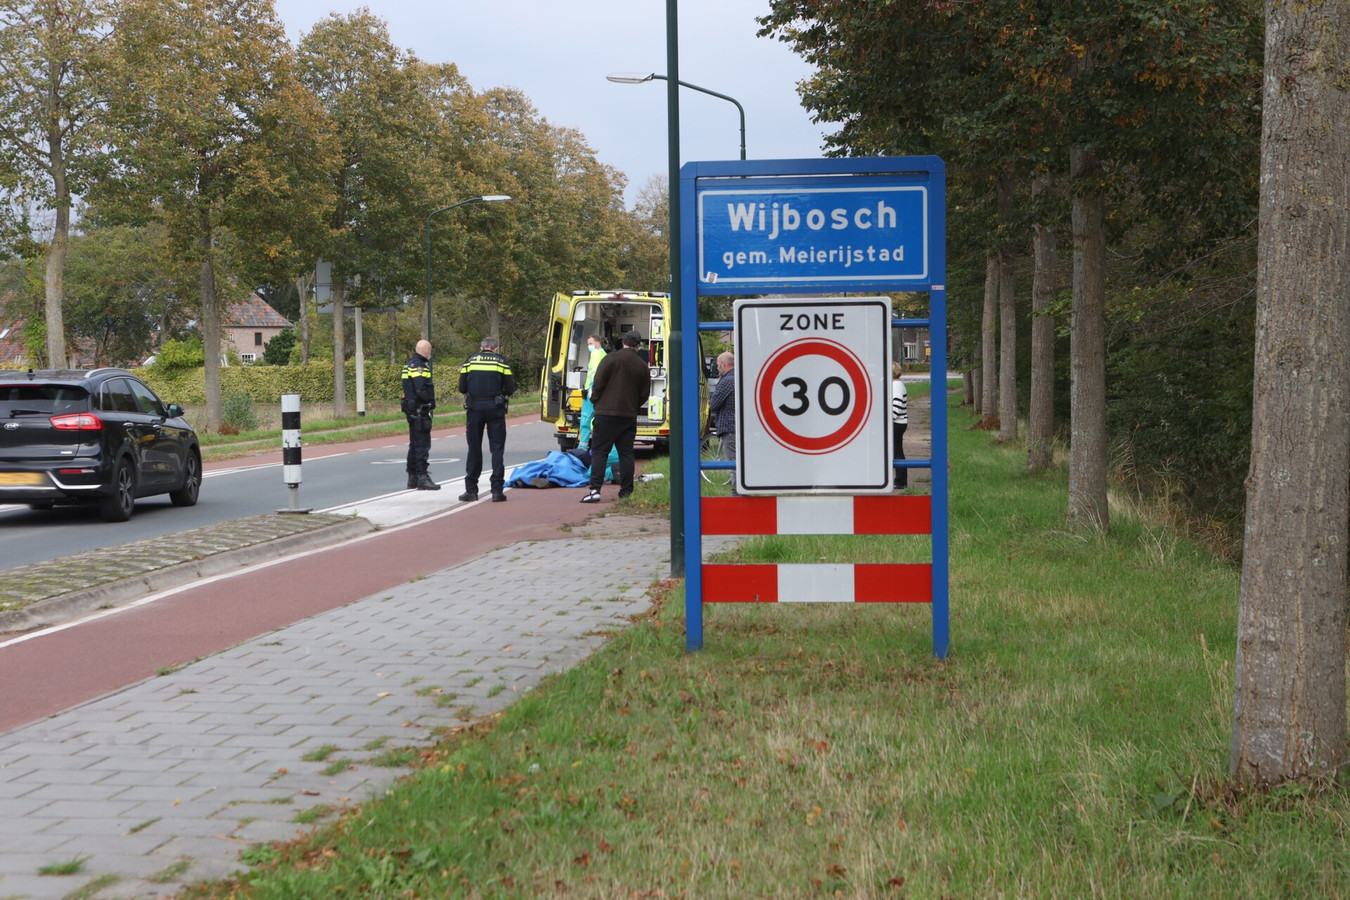 Het slachtoffer, een 25-jarige fietser uit Schijndel, raakte gewond en is met een ambulance naar het ziekenhuis gebracht.